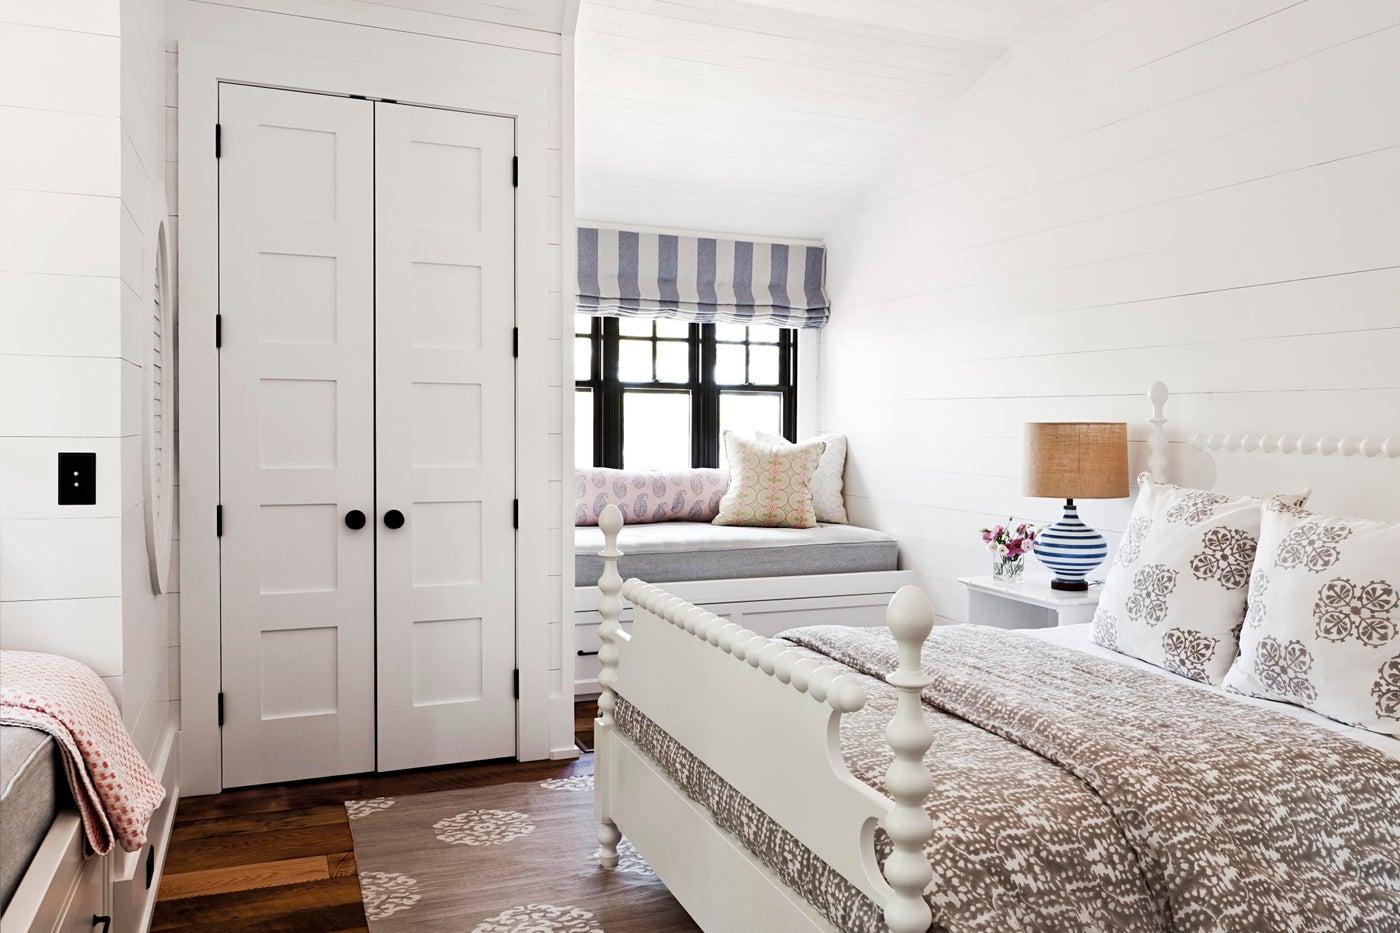 Muskoka Cottage - Bedroom